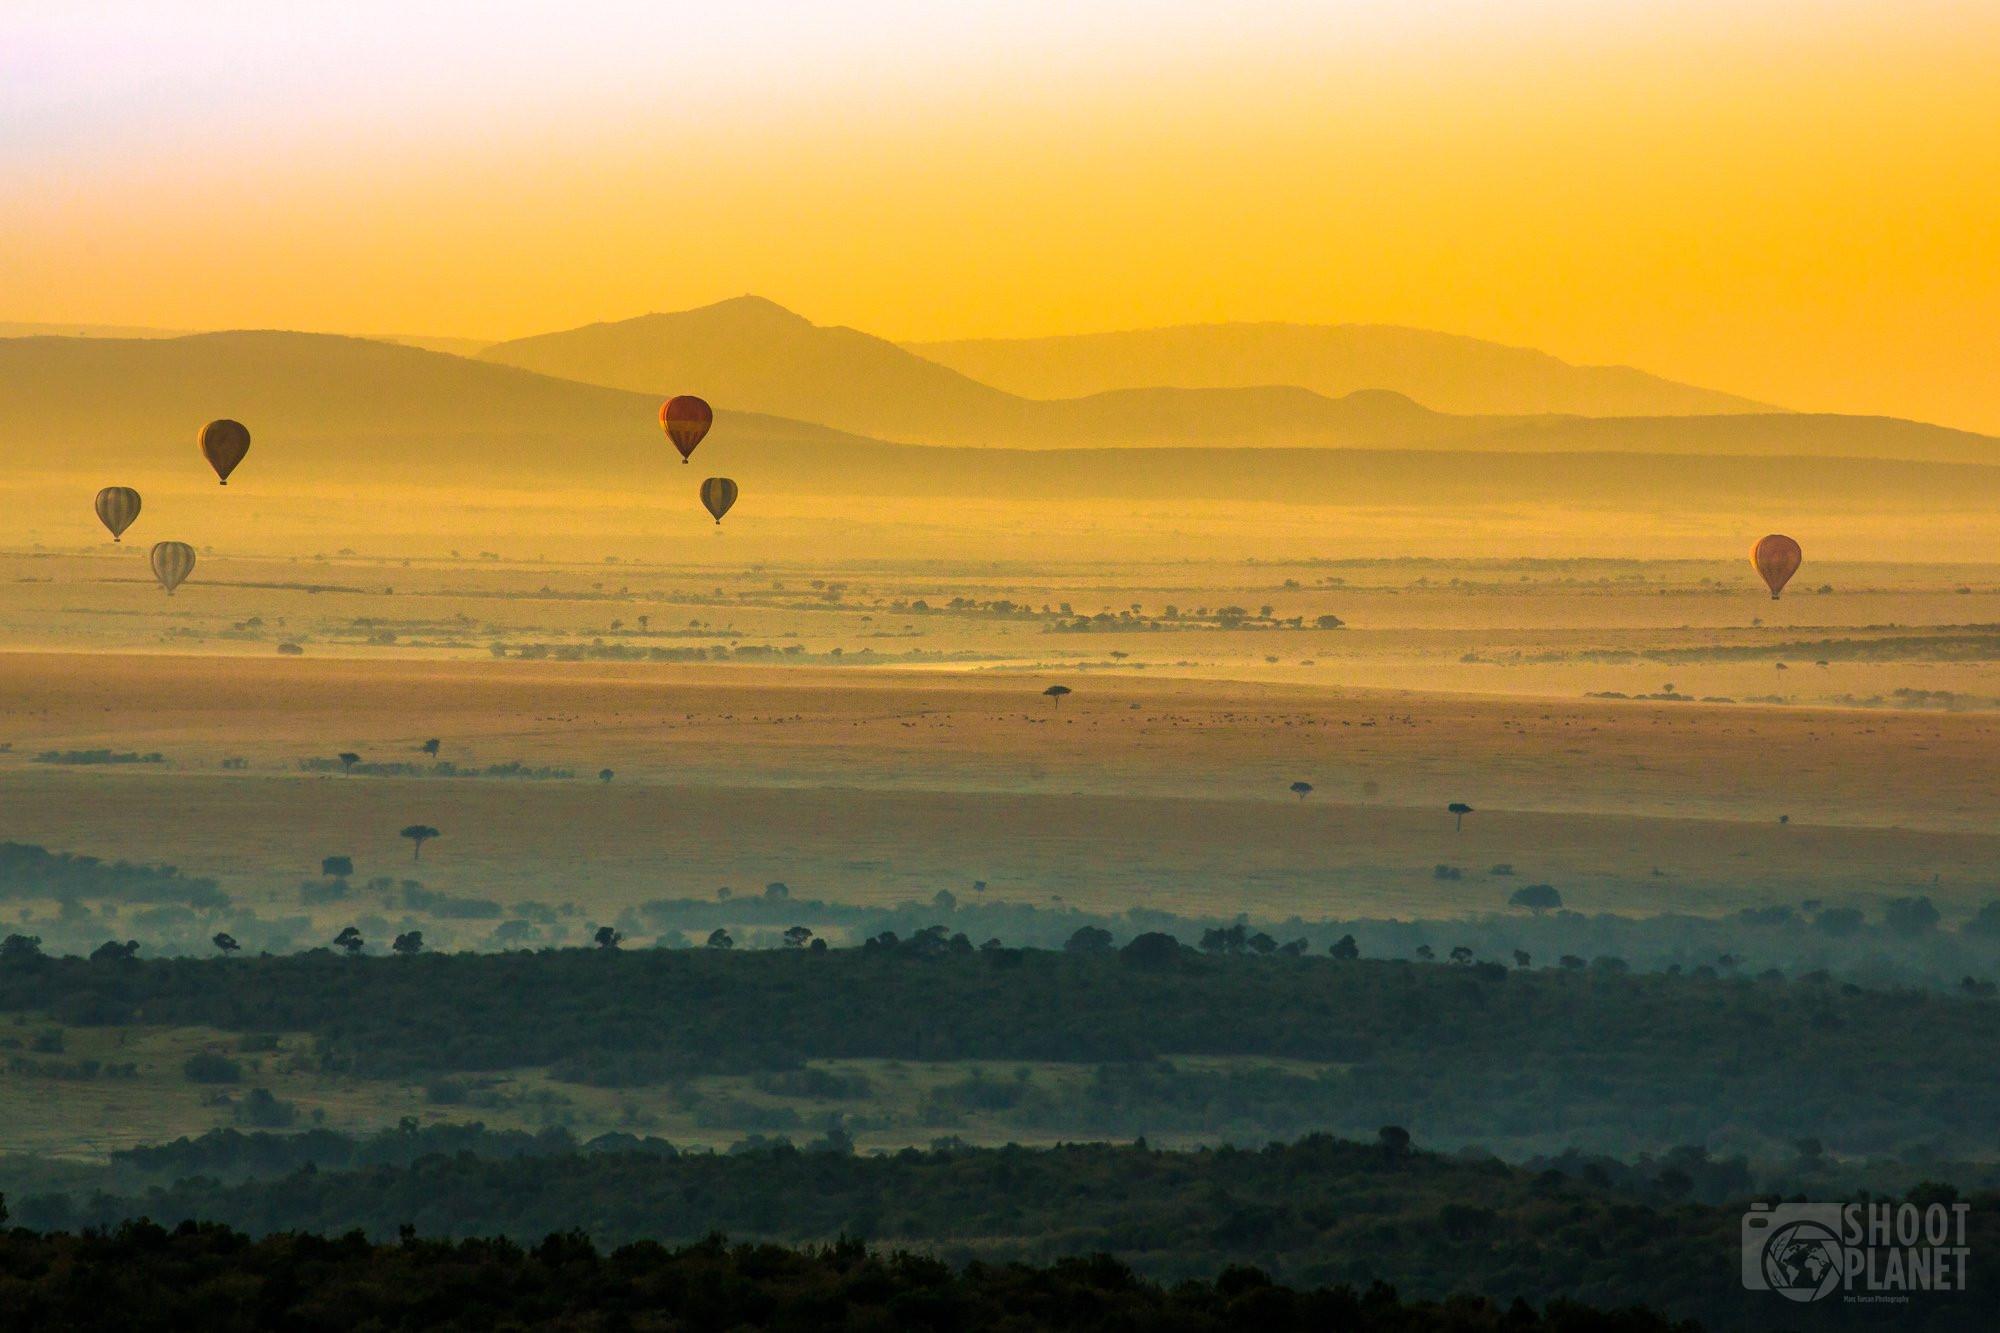 Hot air balloons over the savanna, Serengeti Tanzania